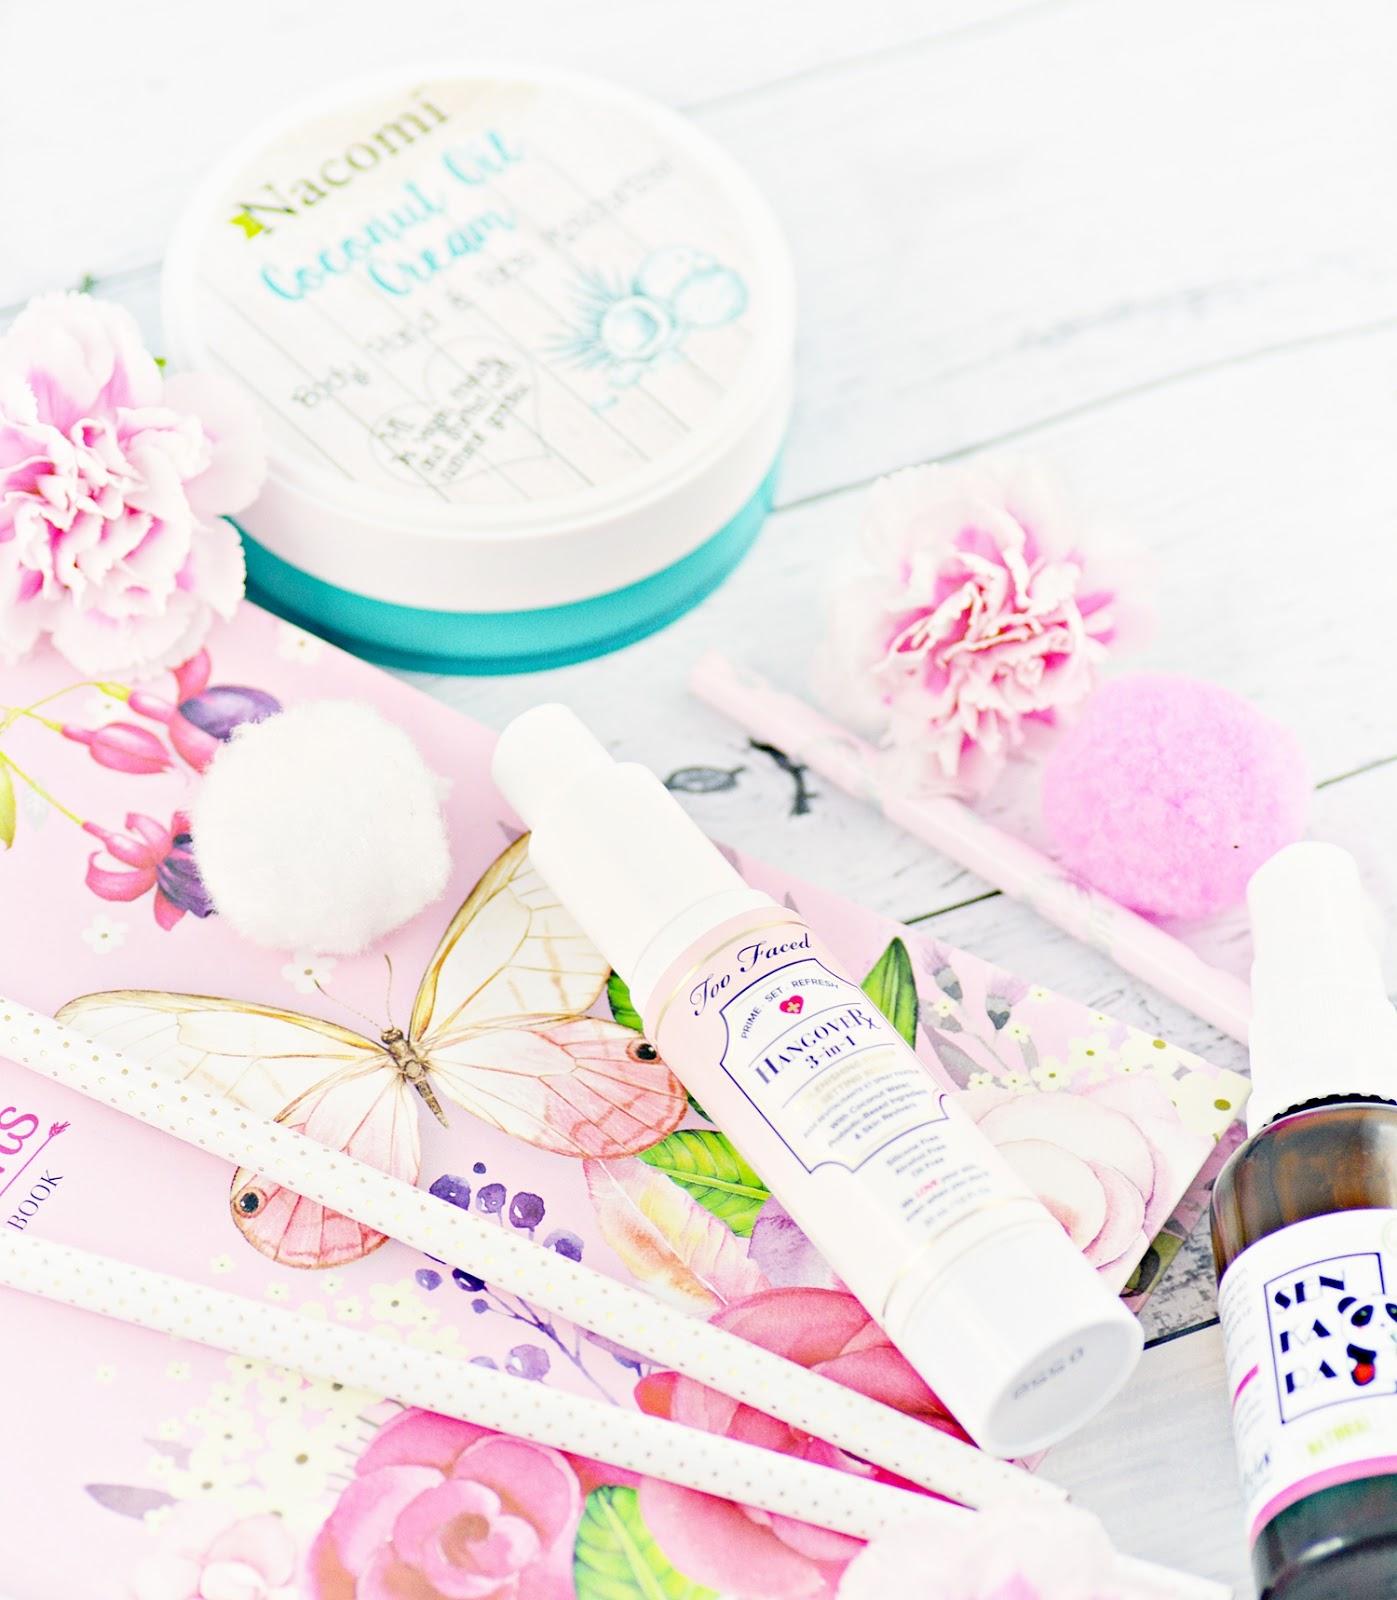 dobre kosmetyki, ulubieńcy, wiosna, fajne kosmetyki